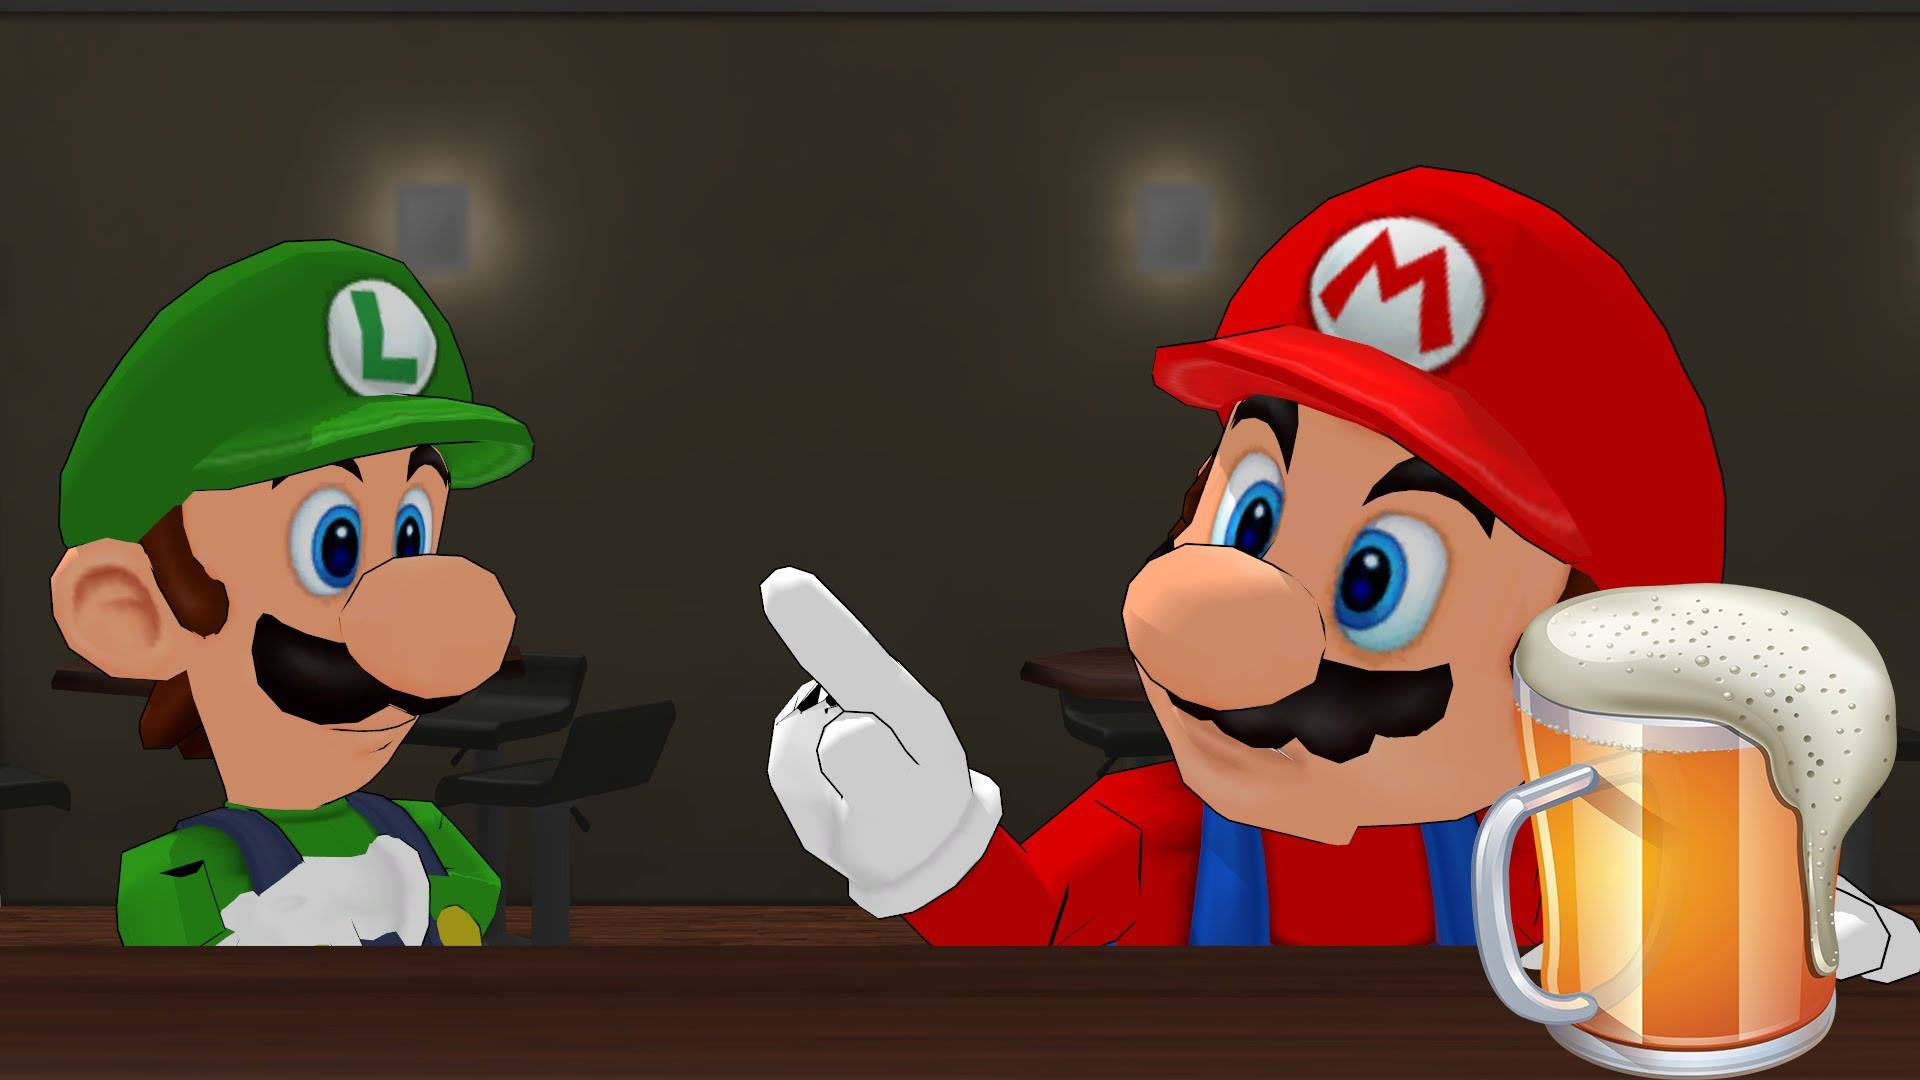 Mario at the bar